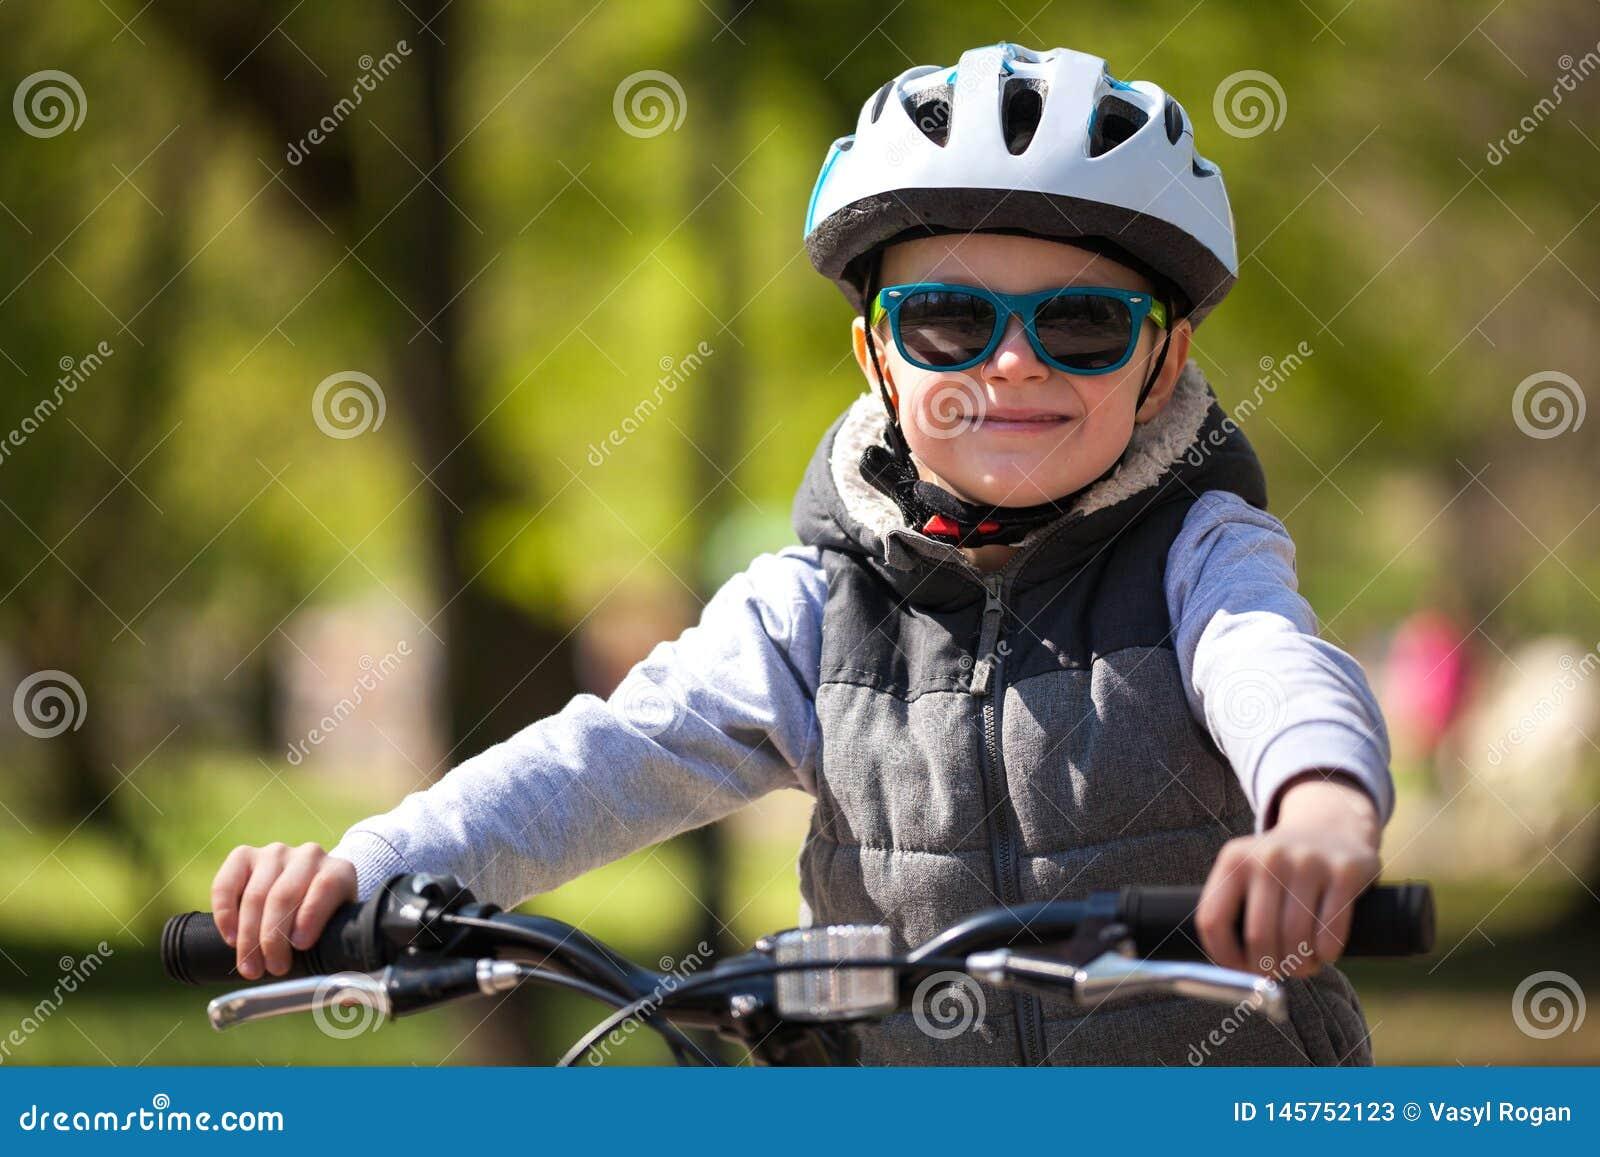 Pysen l?r att rida en cykel i parkerar Den gulliga pojken i solglas?gon rider en cykel Lyckligt le barn i hj?lm som rider cykla